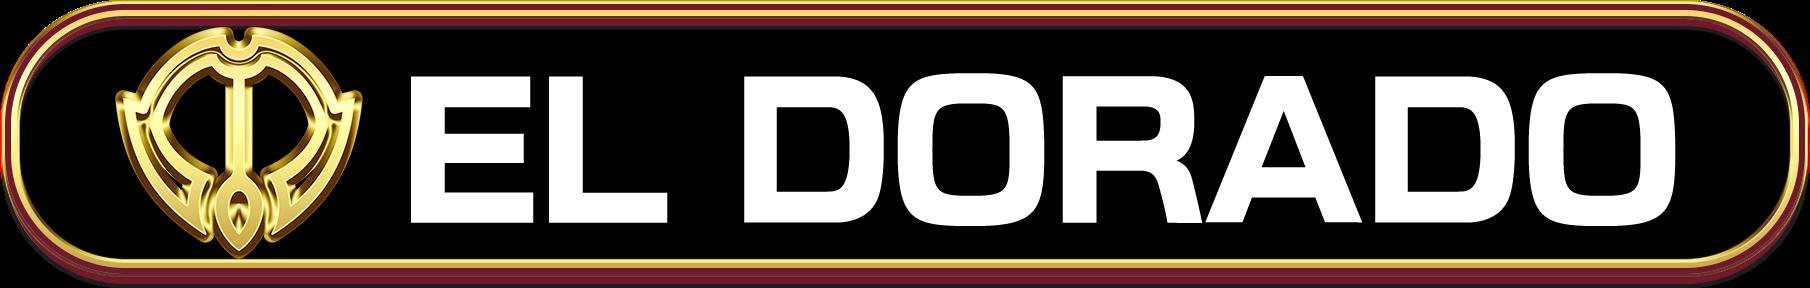 オンラインパチンコ エルドラード(eldorado) 無料プレイ、登録方法、入出金、Q&A